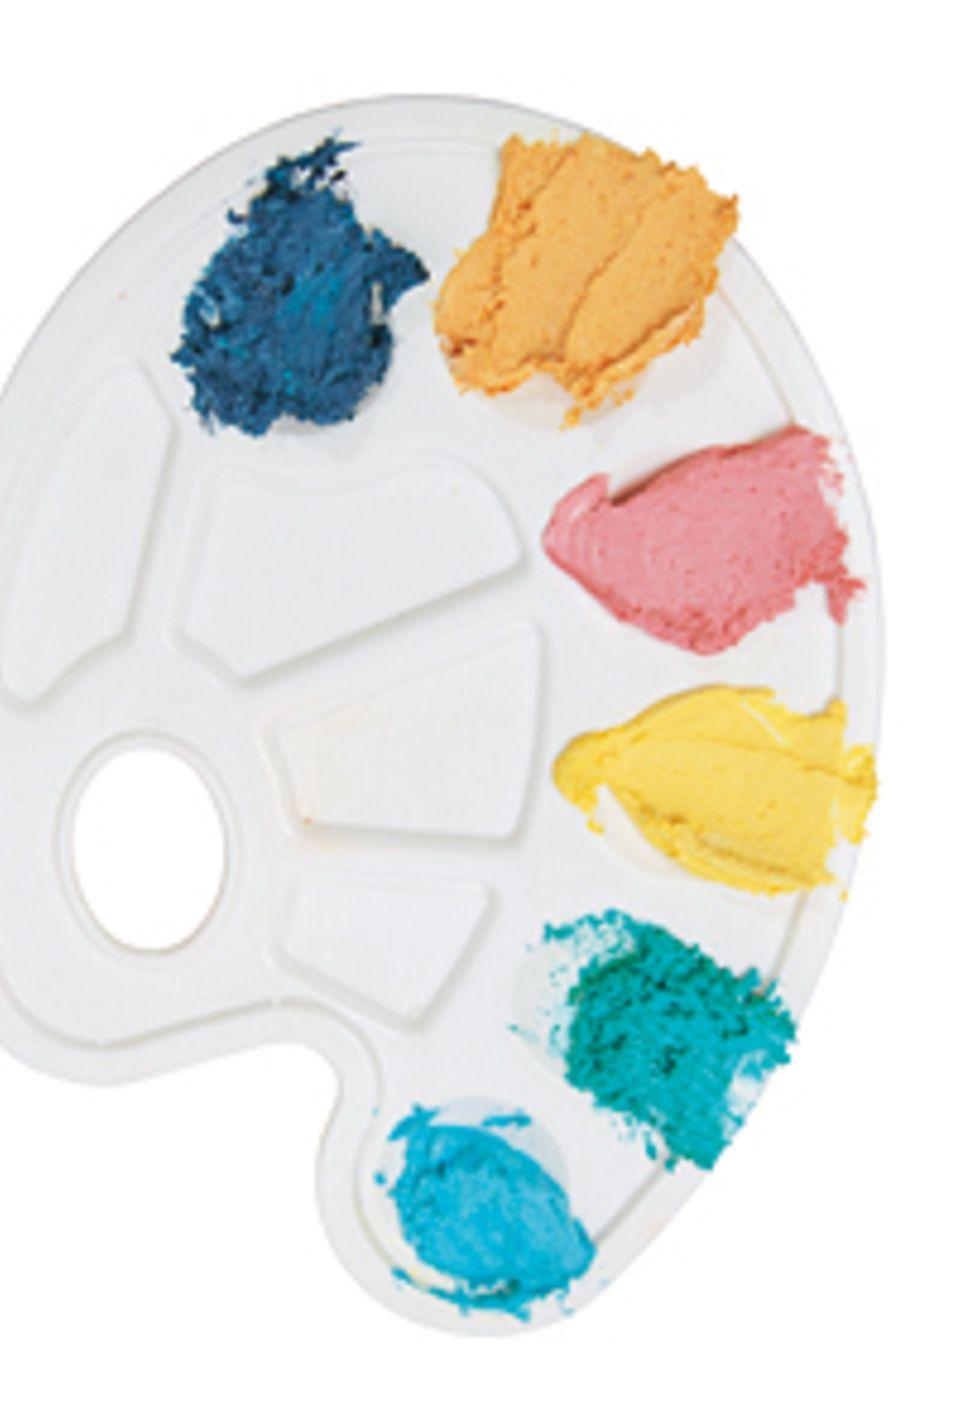 Bastelanleitung: Schminkfarbe und Knete selbermachen